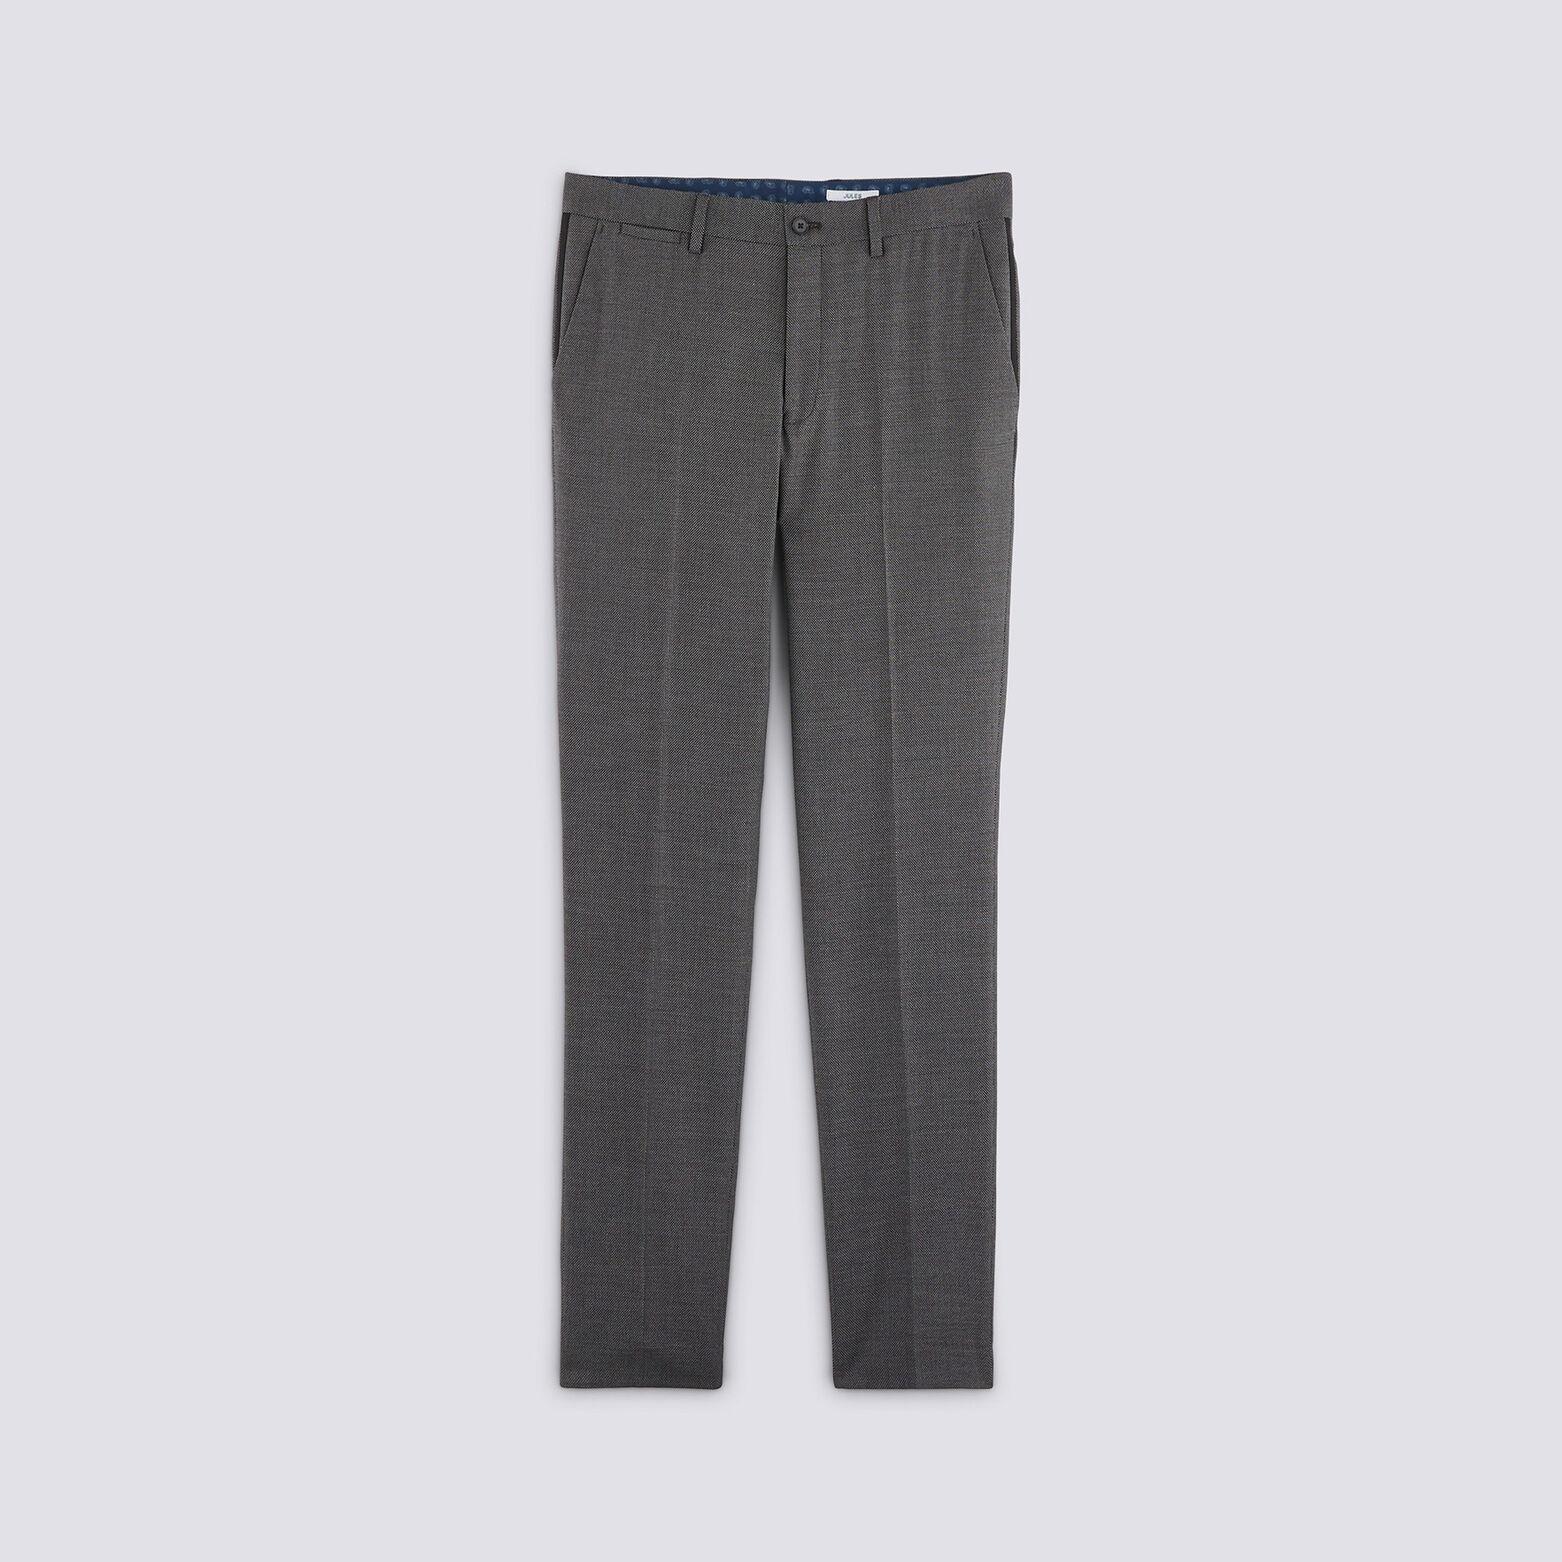 Pantalon de costume slim matière reliefée